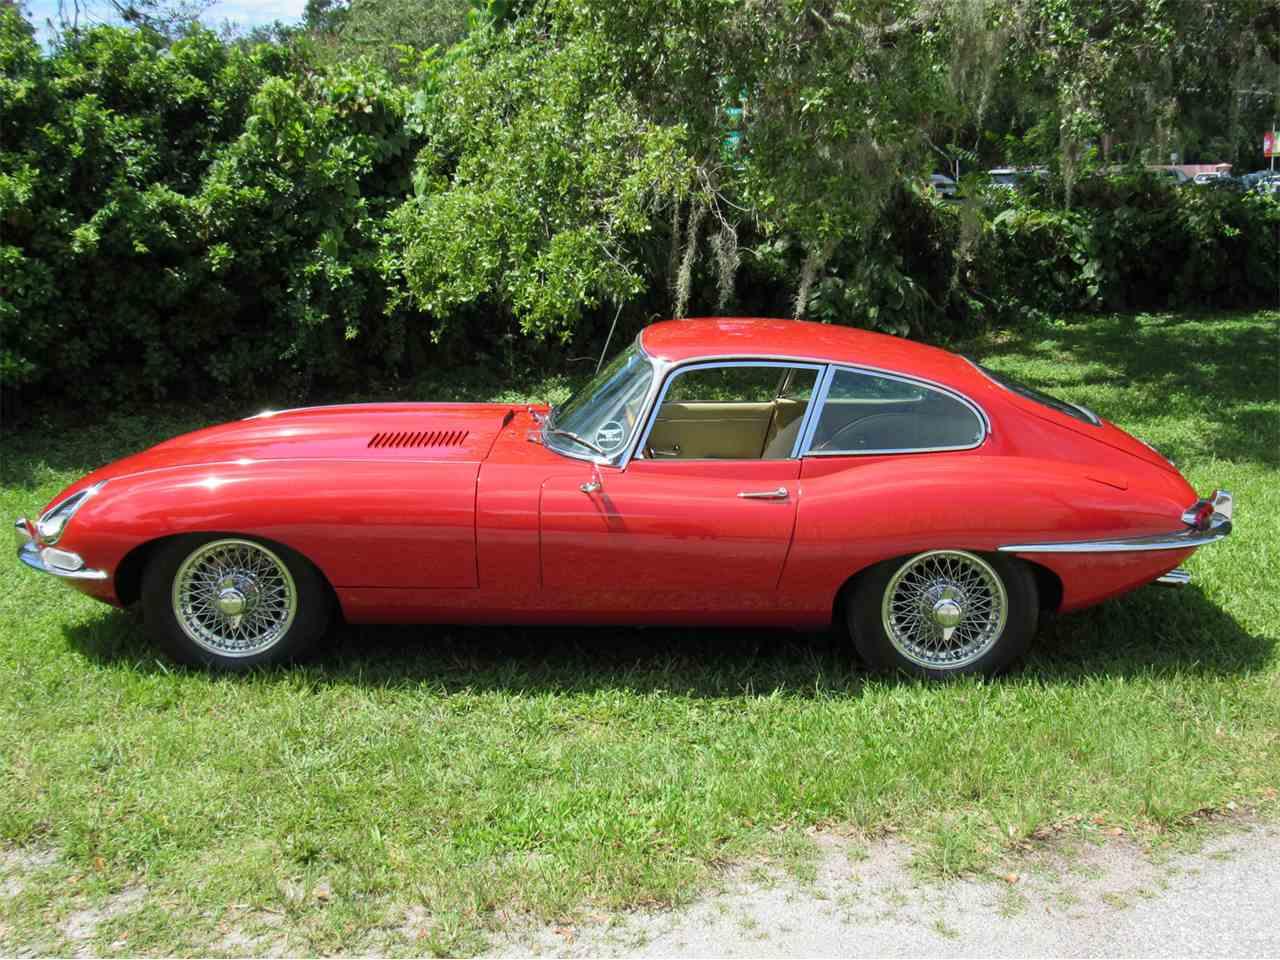 Jaguar E-Type 1967 for sale.